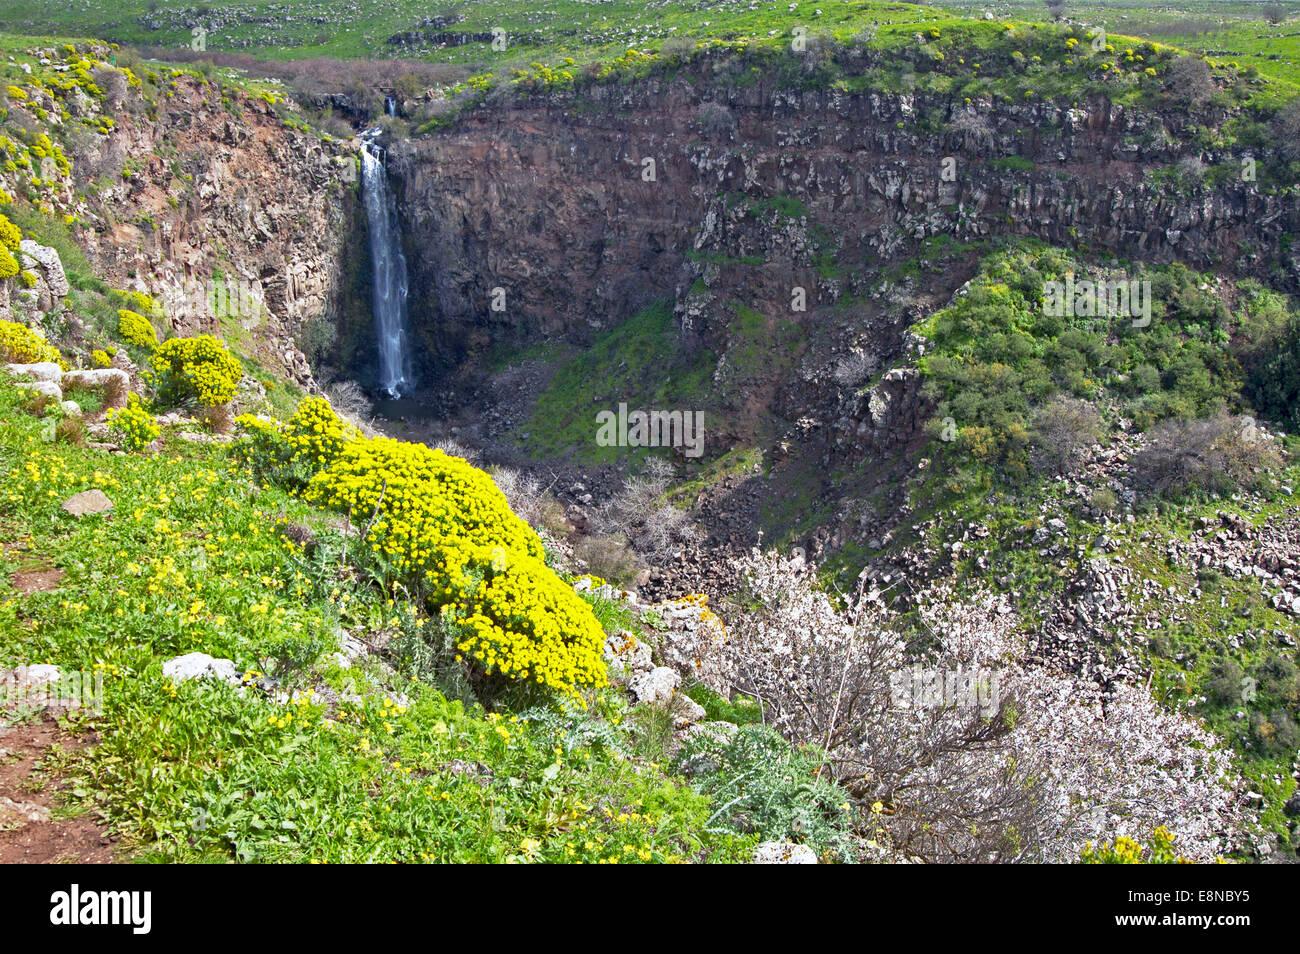 Gamla falls, Golan, Israele Immagini Stock